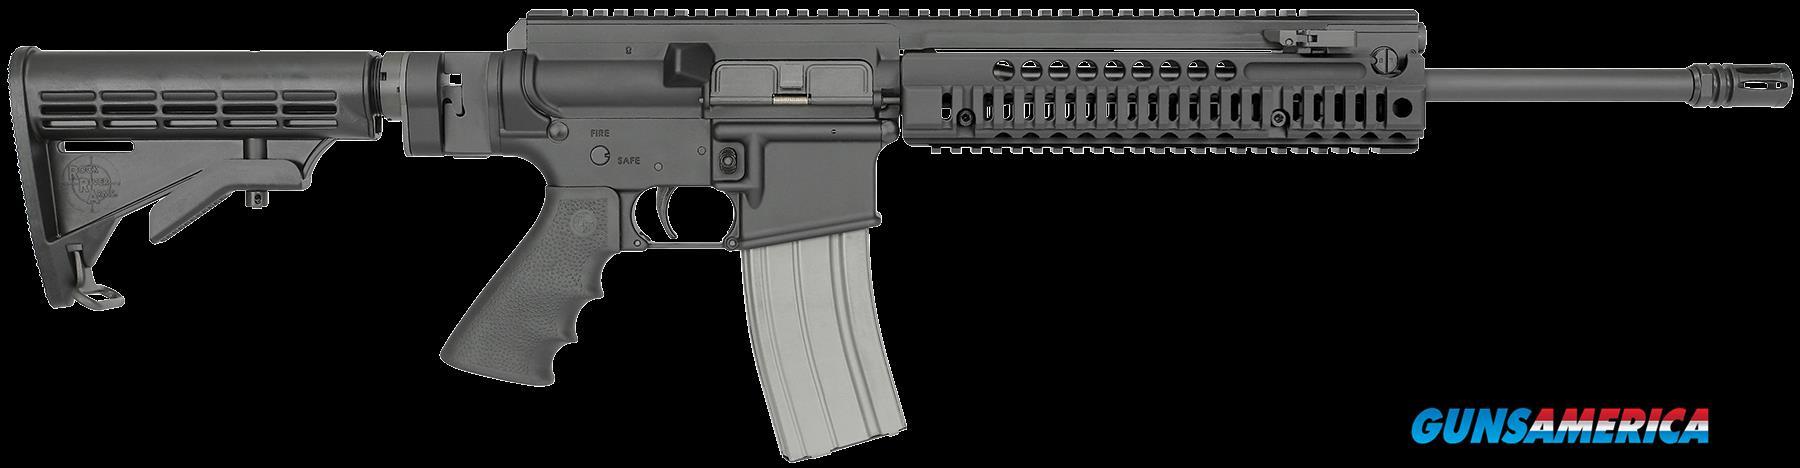 Rock River Arms Lar-pds, Rock Lr1297     Pds Car Tri Rl   16 223  Guns > Pistols > 1911 Pistol Copies (non-Colt)